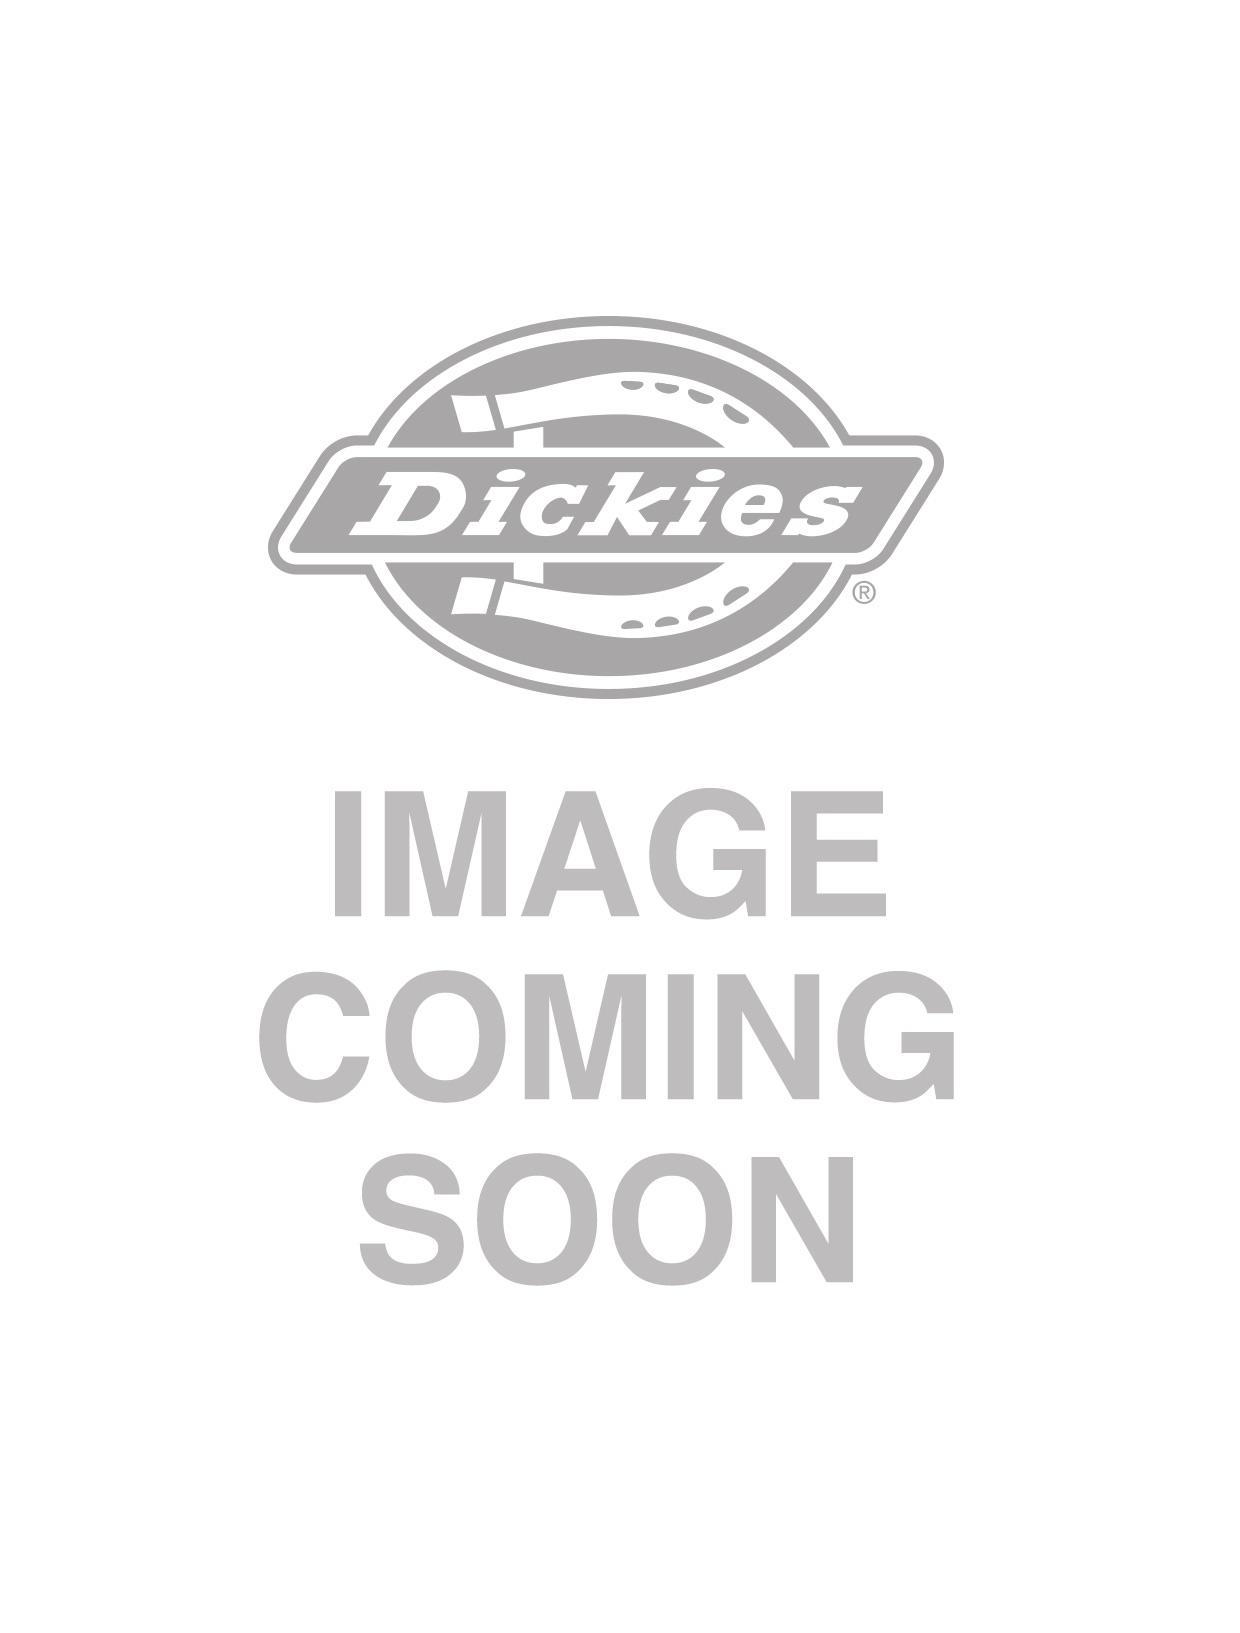 Dickies Delanson T-Shirt